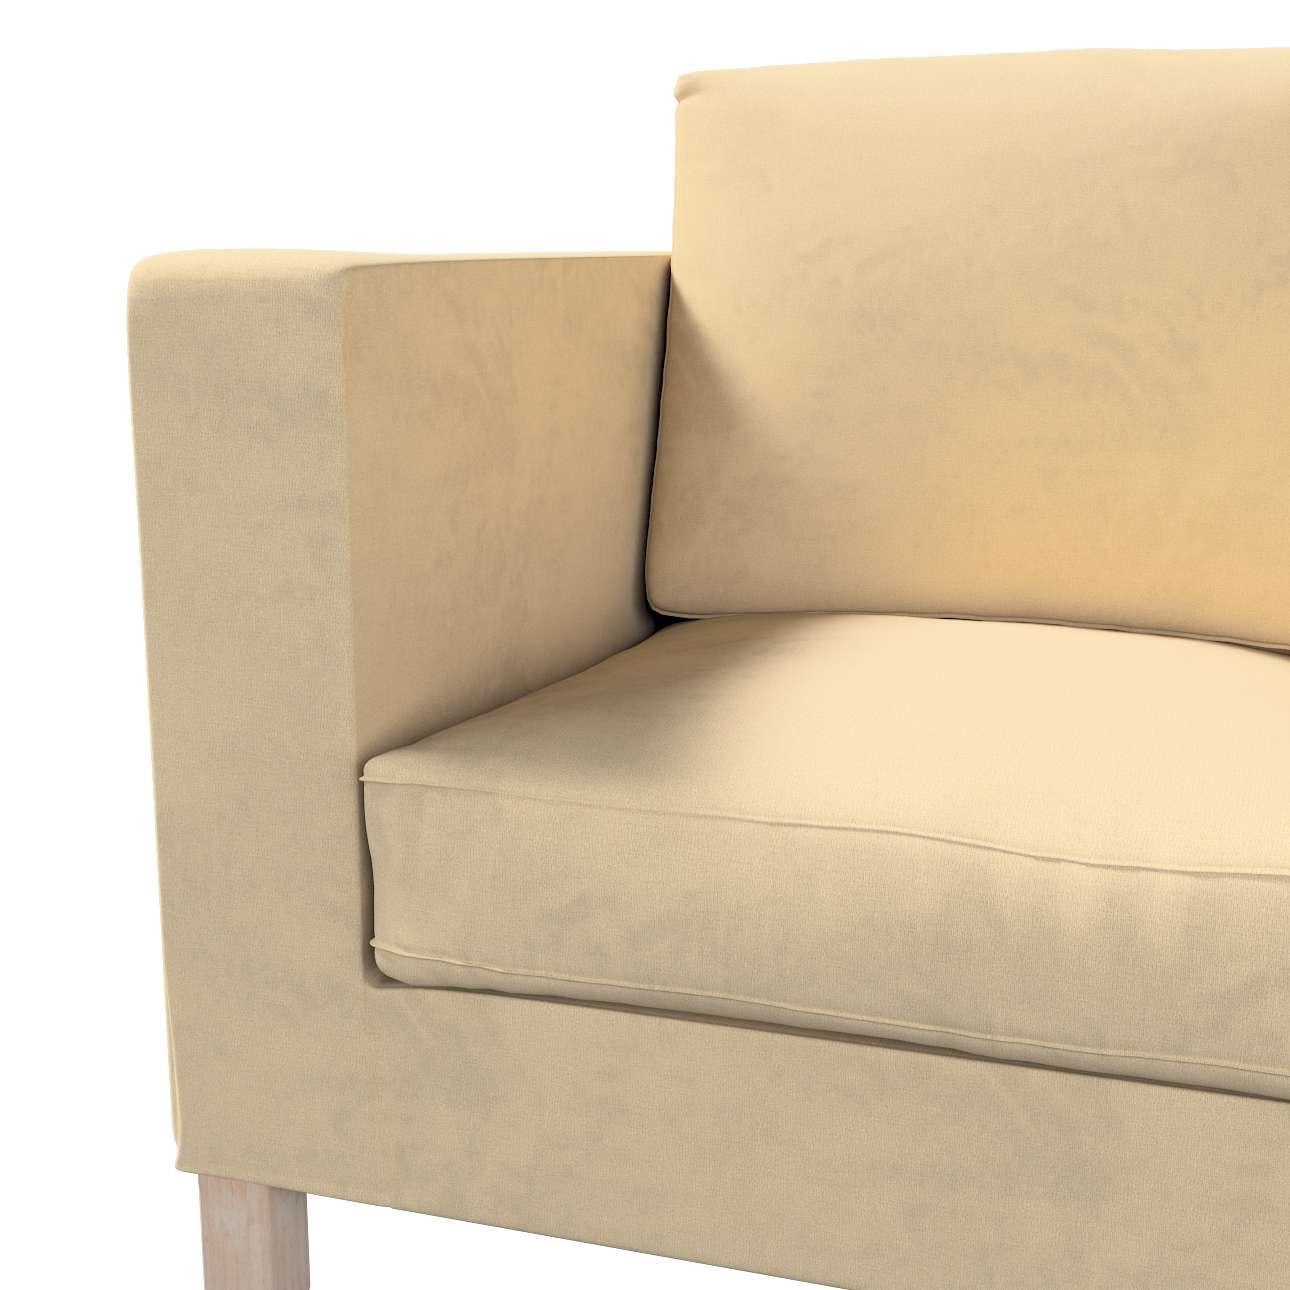 IKEA zitbankhoes/ overtrek voor Karlanda 2-zitsbank, kort van de collectie Living, Stof: 160-82